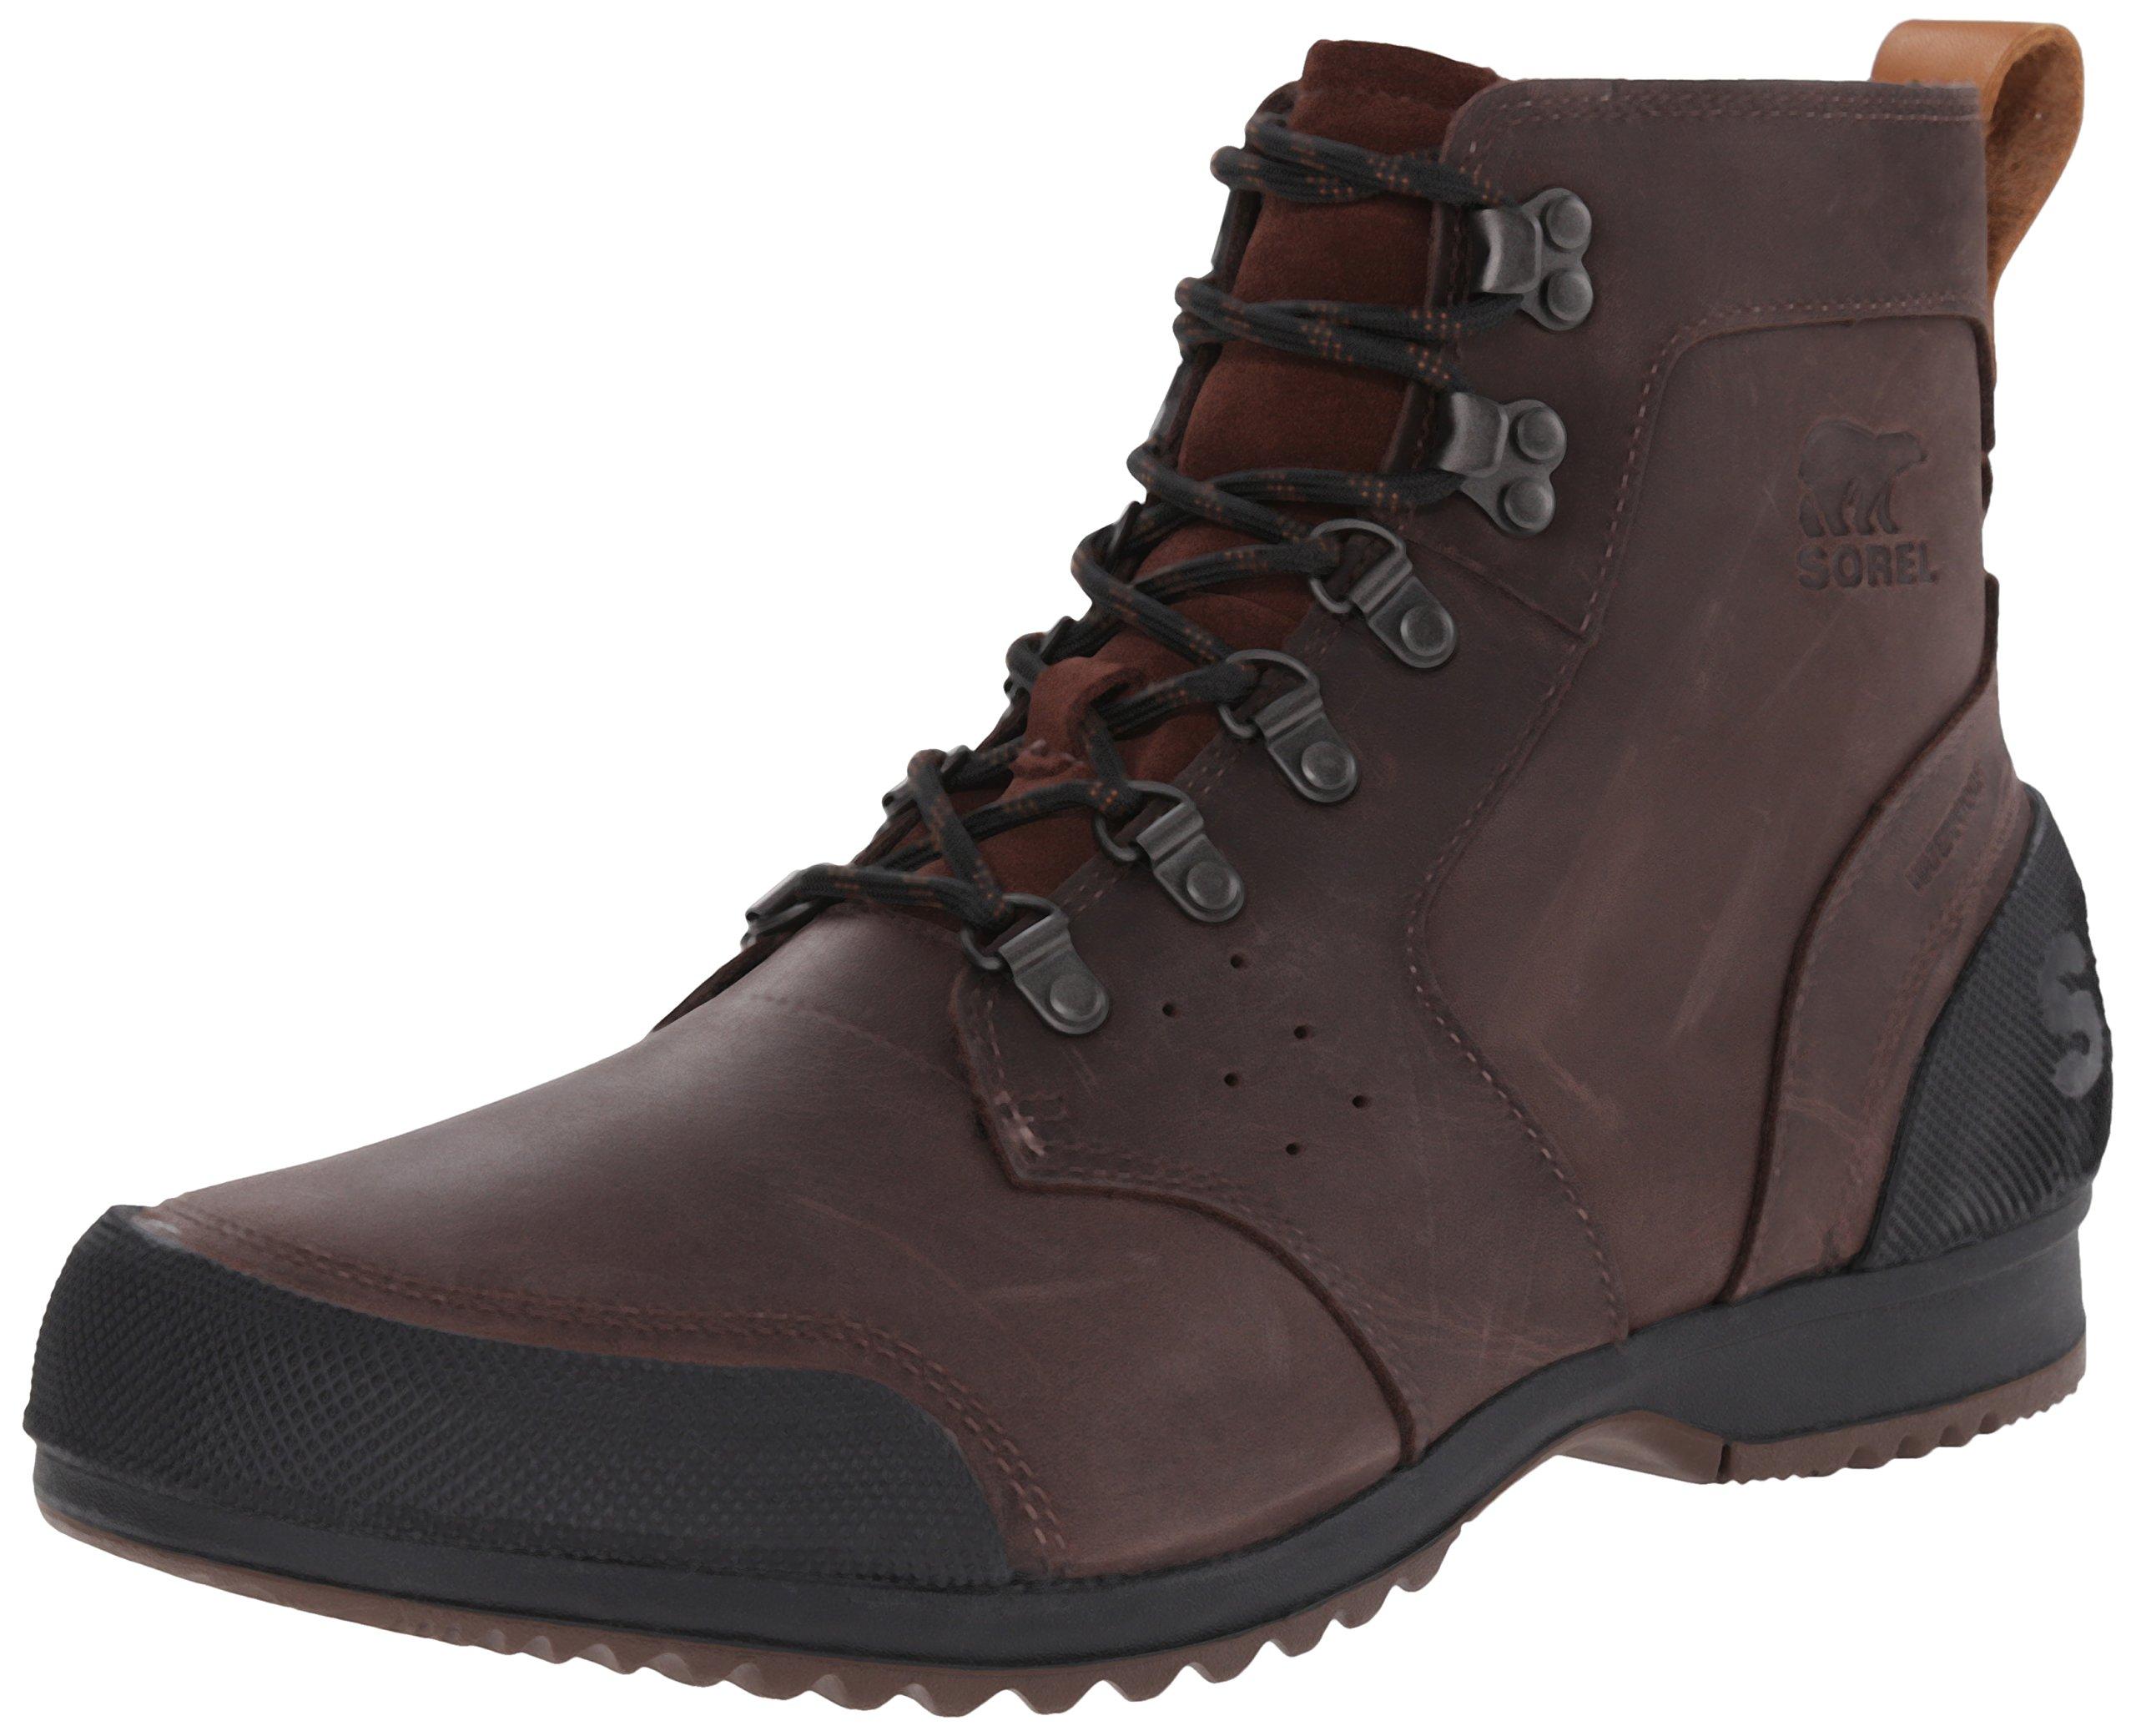 SOREL Mens Ankeny Mid Hiker Short Boot, Tobacco/Black, 11 B(M) US